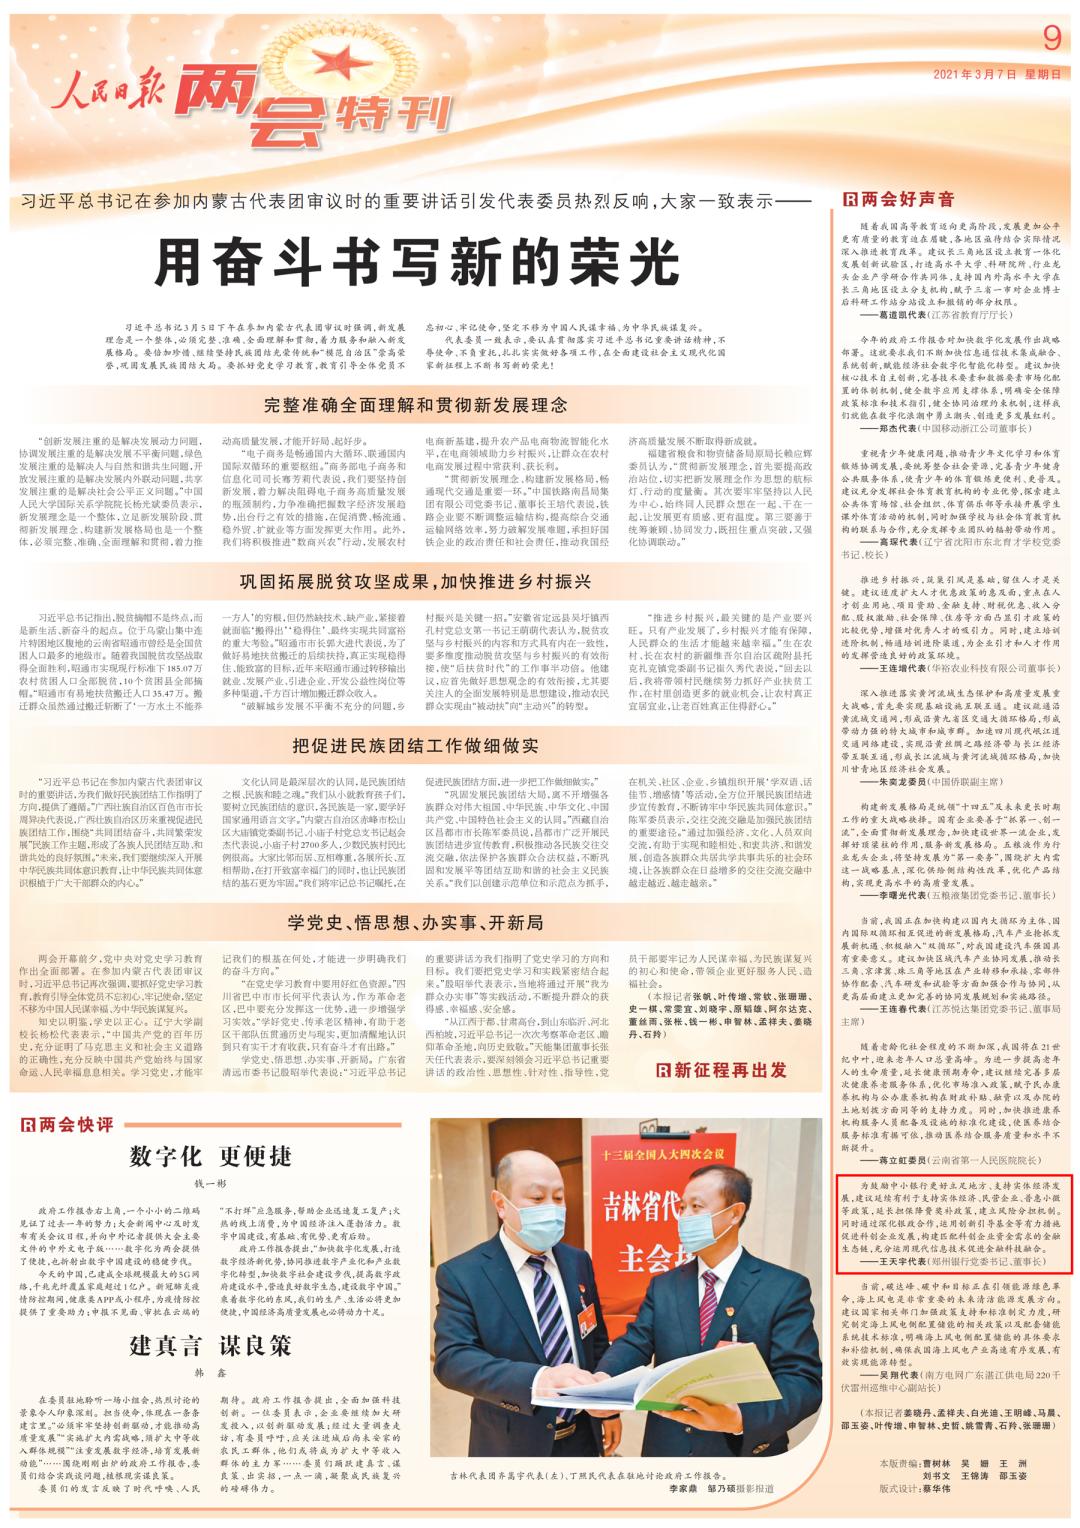 """贯彻落实""""两会""""精神,走心、入脑、见行动,郑州银行党委这样做"""